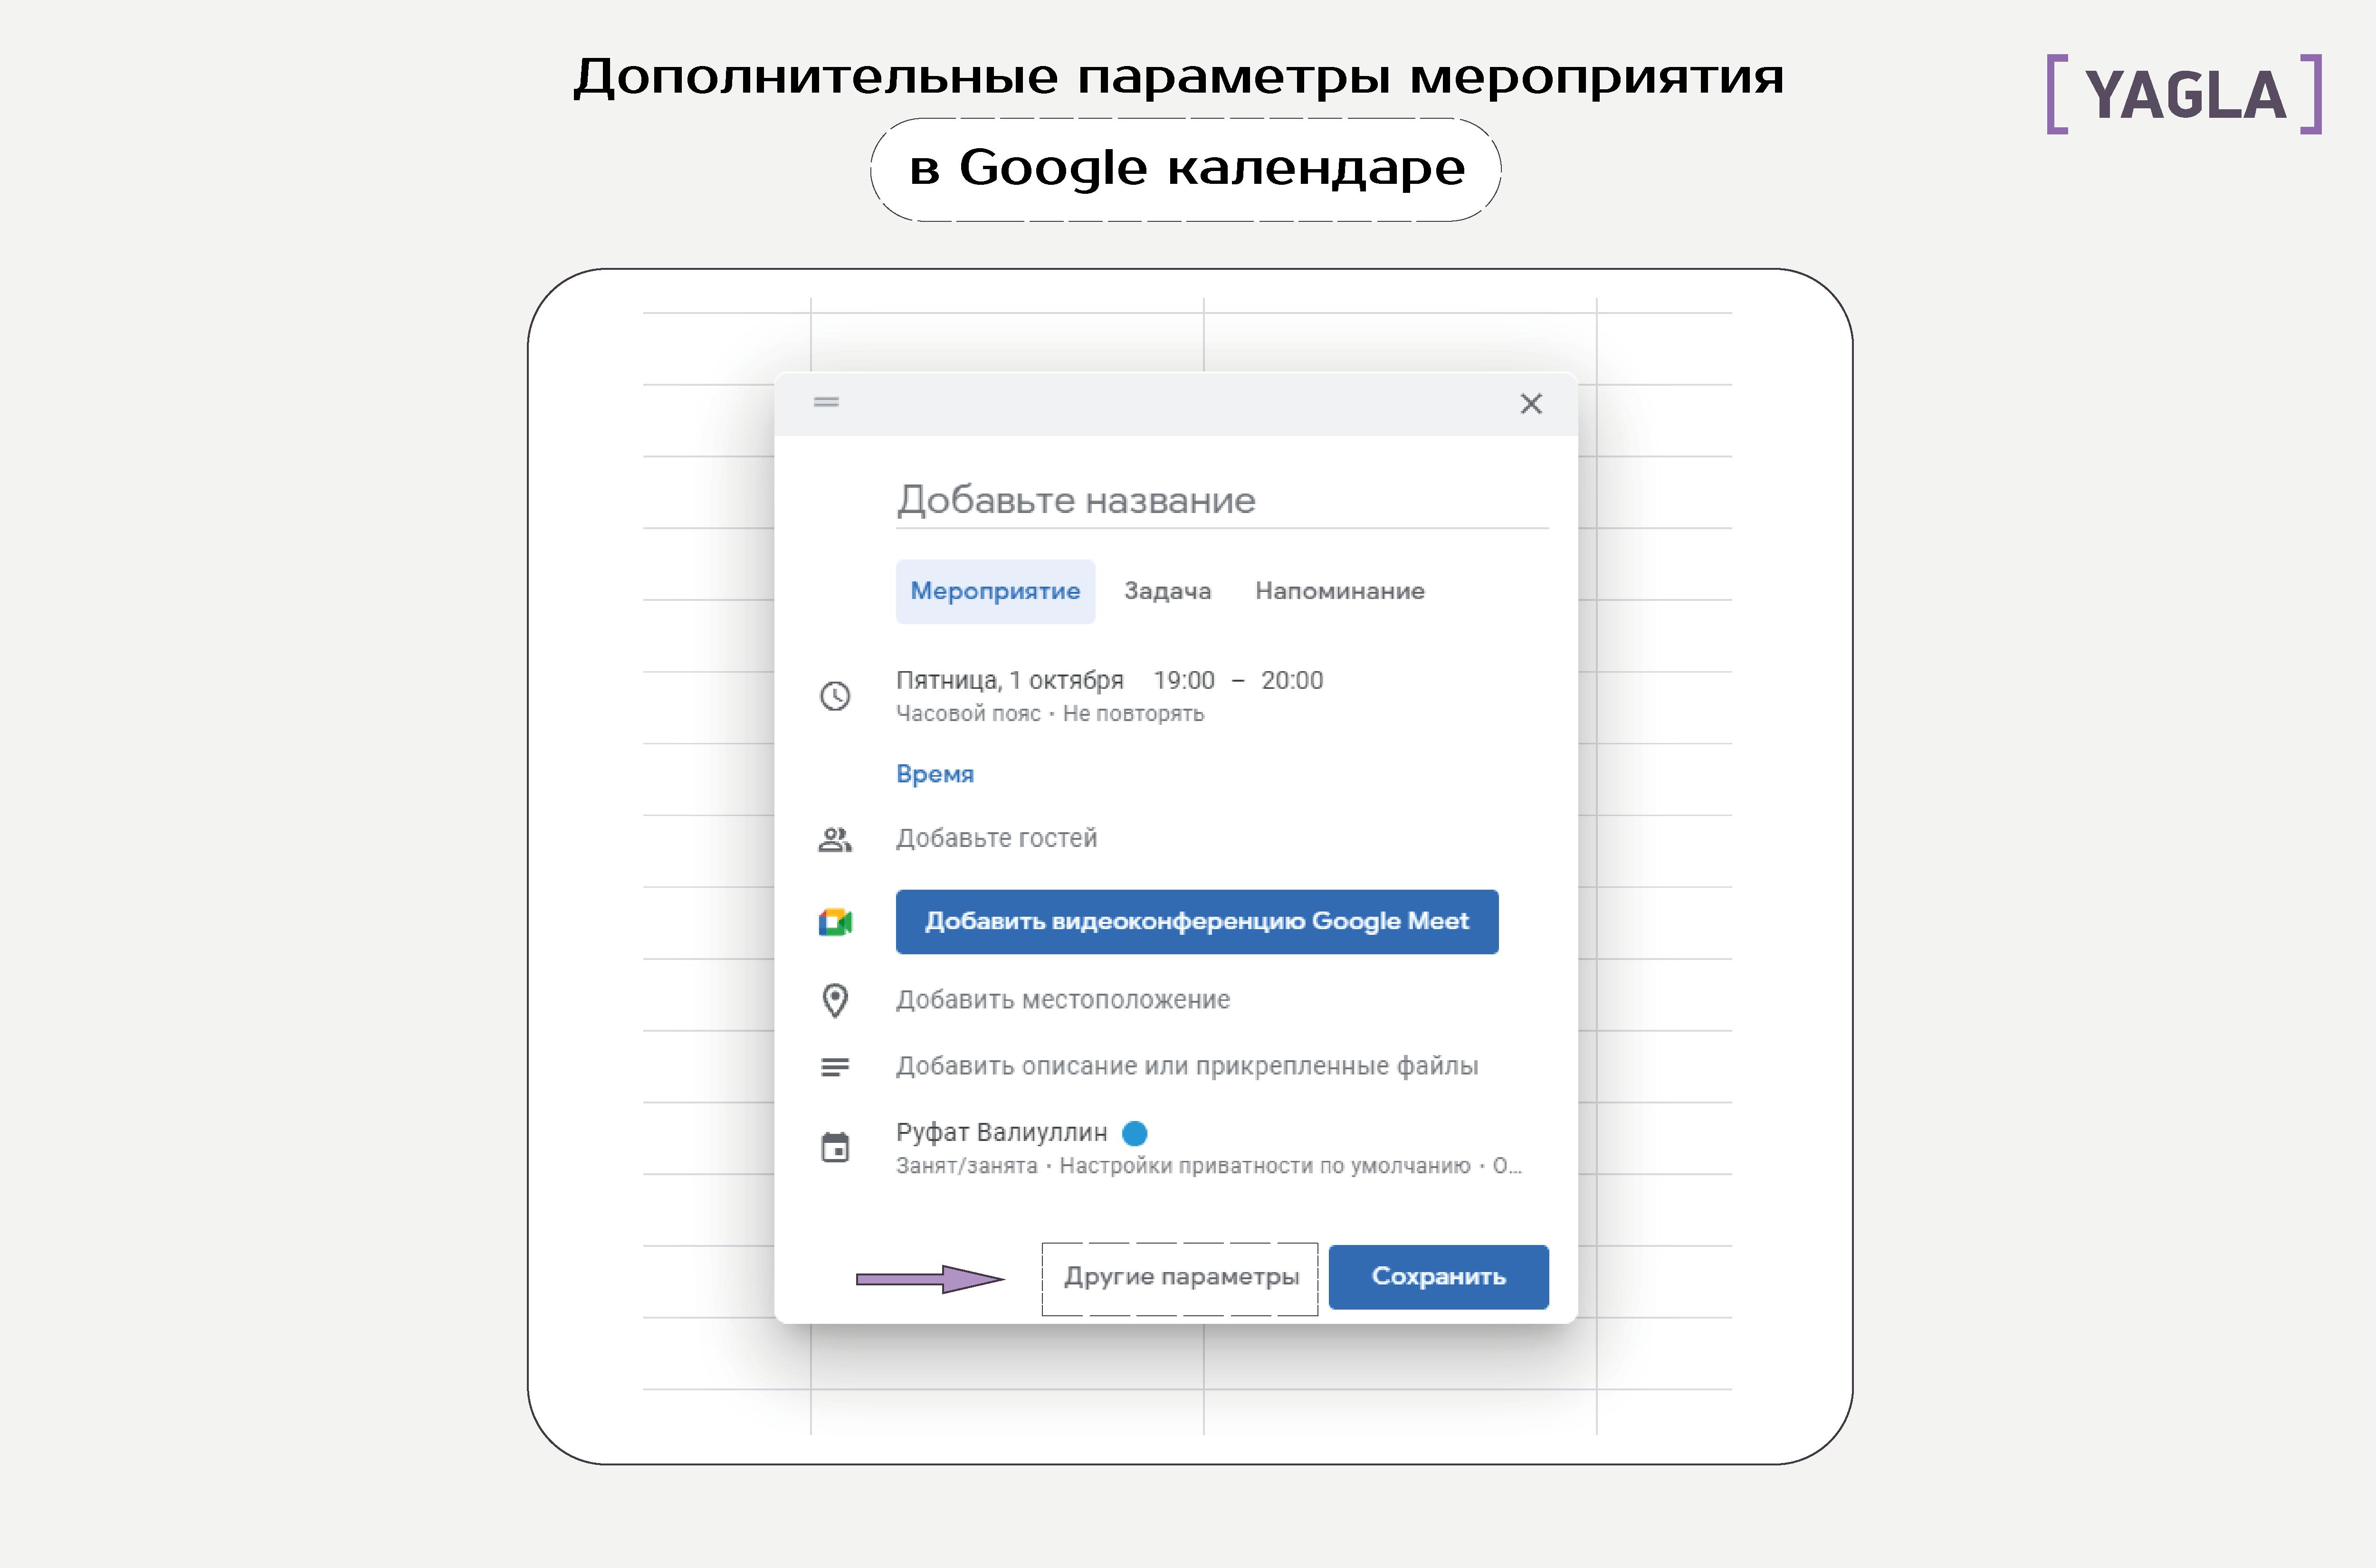 Дополнительные параметры мероприятия в Google календаре